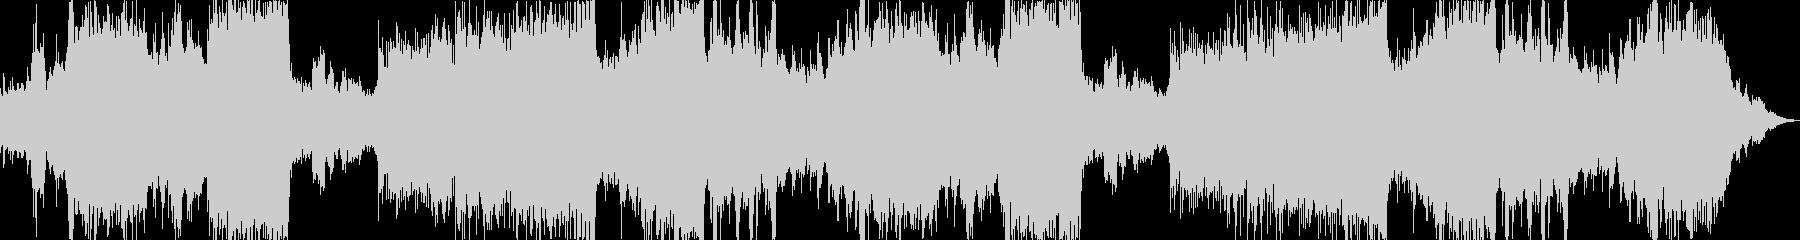 電子音の入り混じった勇壮なオーケストラの未再生の波形